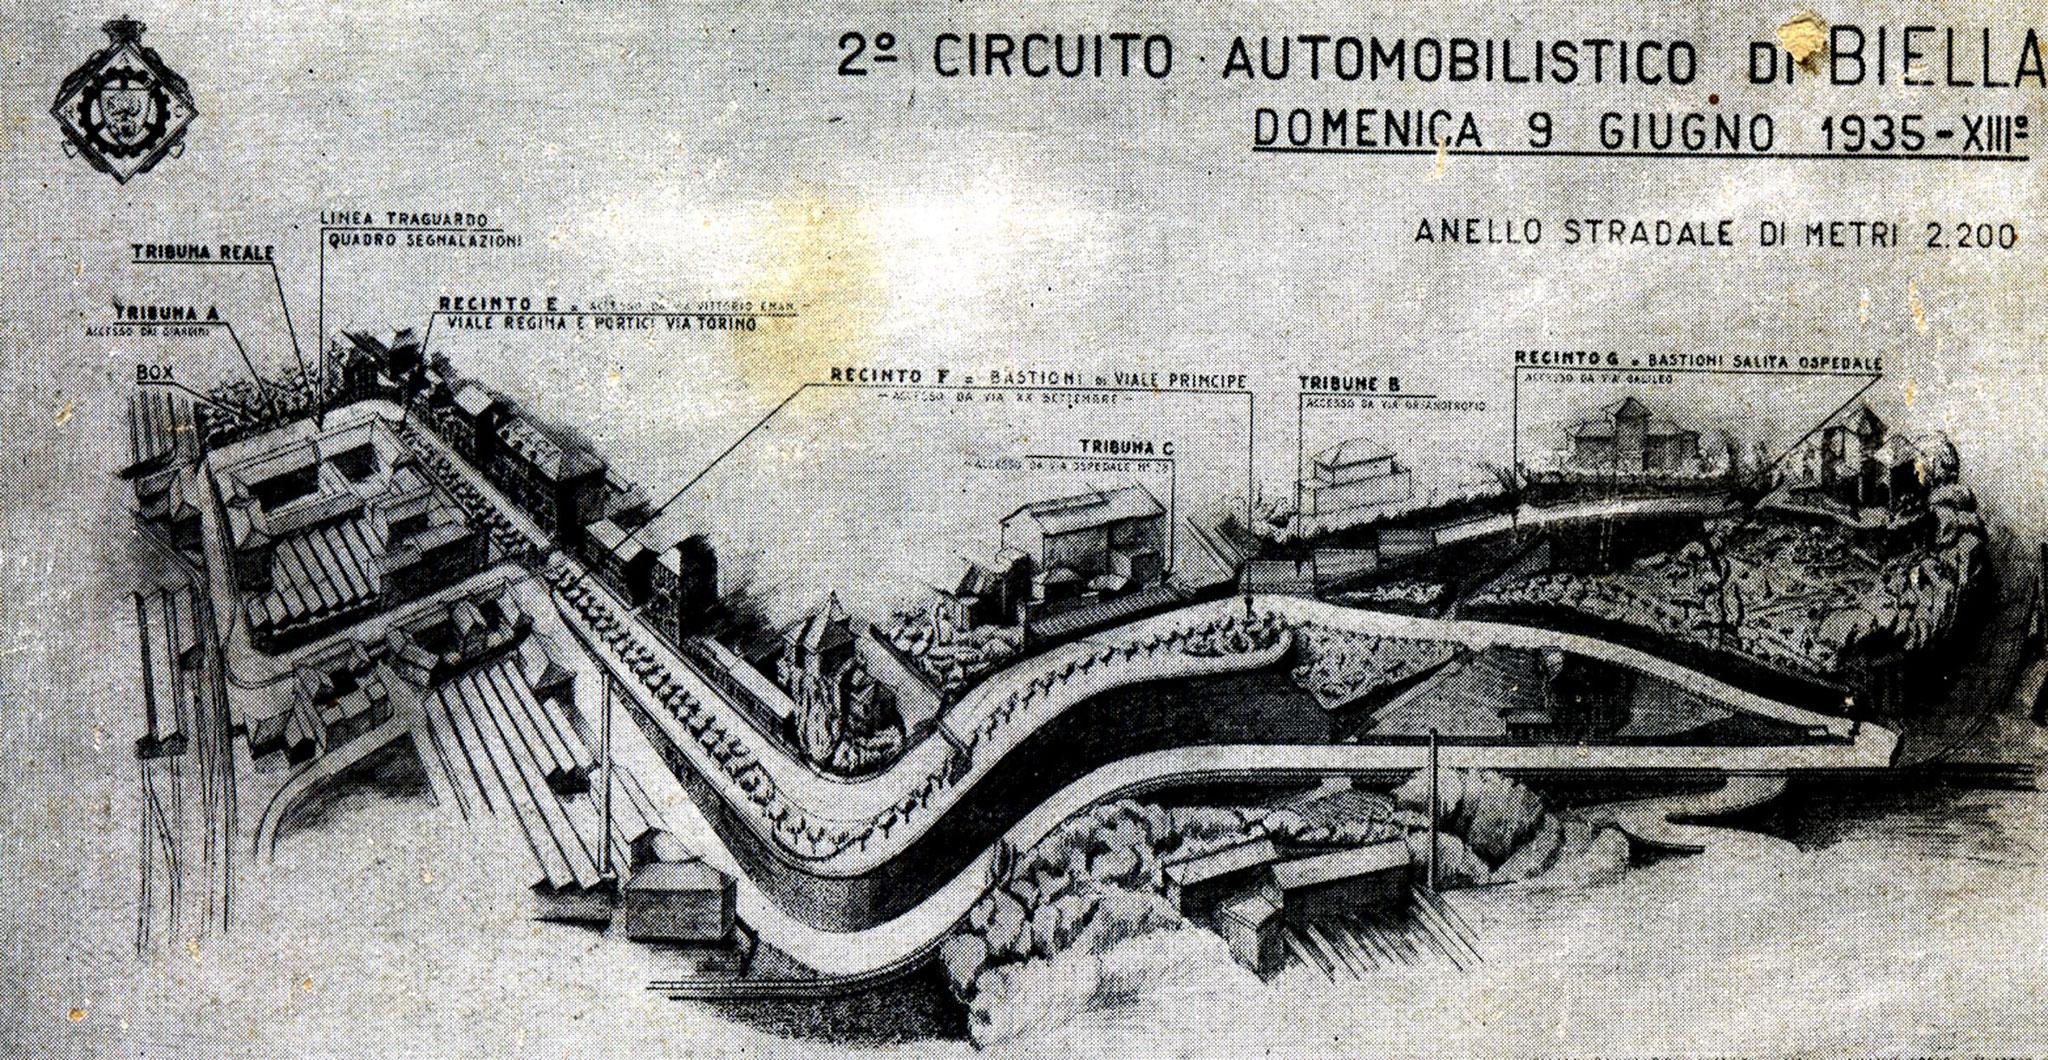 Cartina illustrativa del percorso del II Circuito automobilistico di Biella, 9 giugno 1935